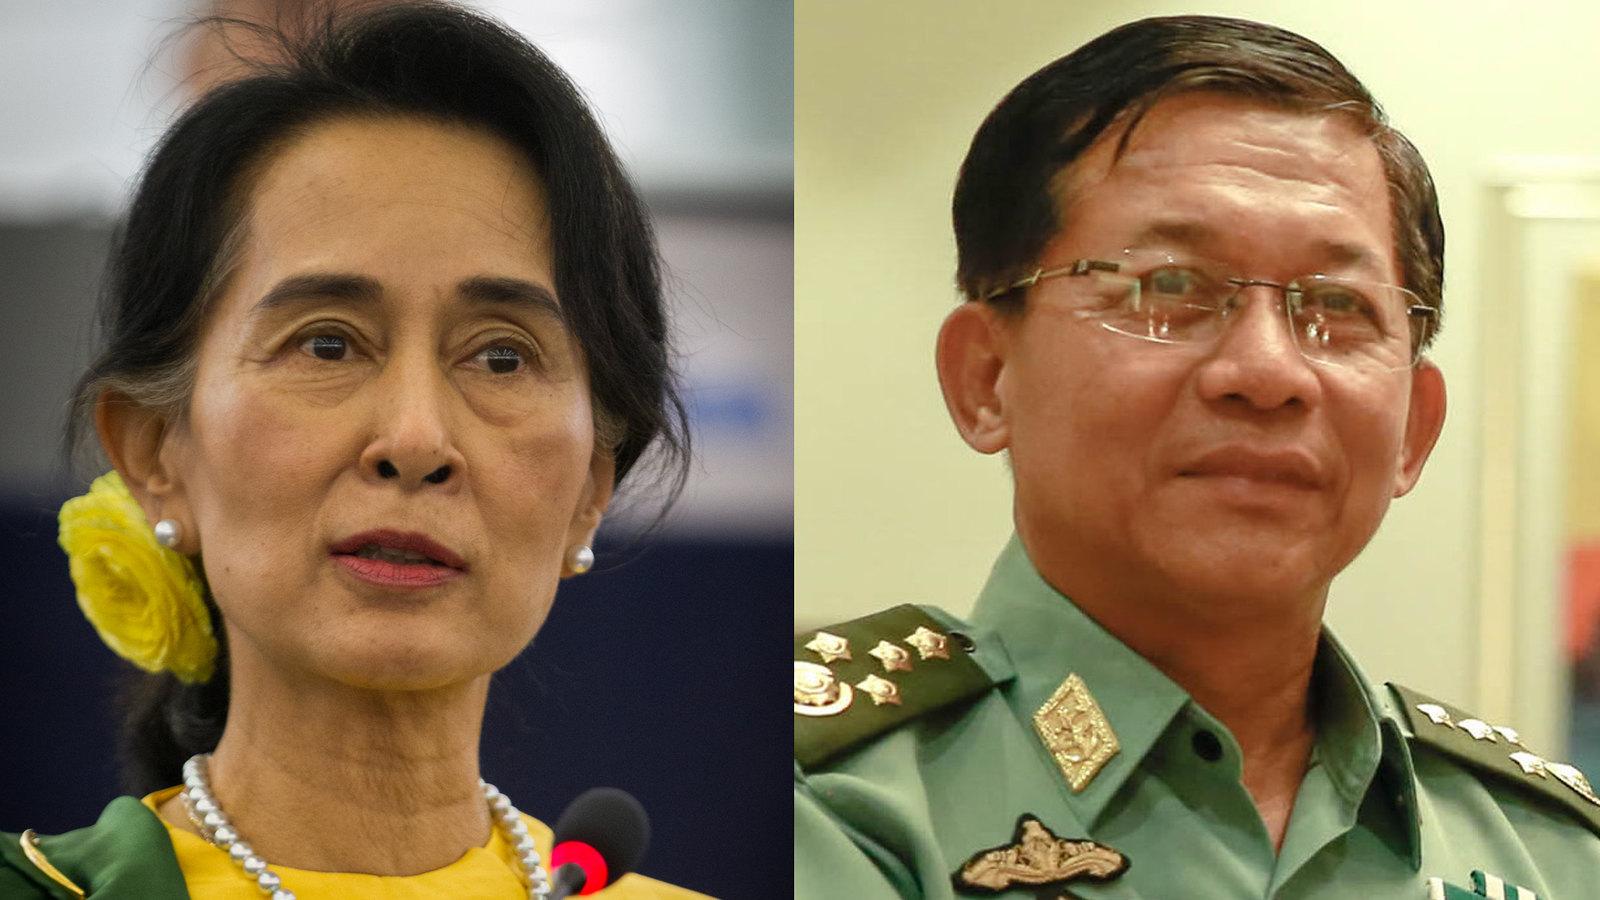 (ซ้าย) อองซานซูจี ที่ปรึกษาแห่งรัฐ (ขวา) พล.อ.อาวุโส มินอ่องหล่าย ผบ.สส.กองทัพพม่า